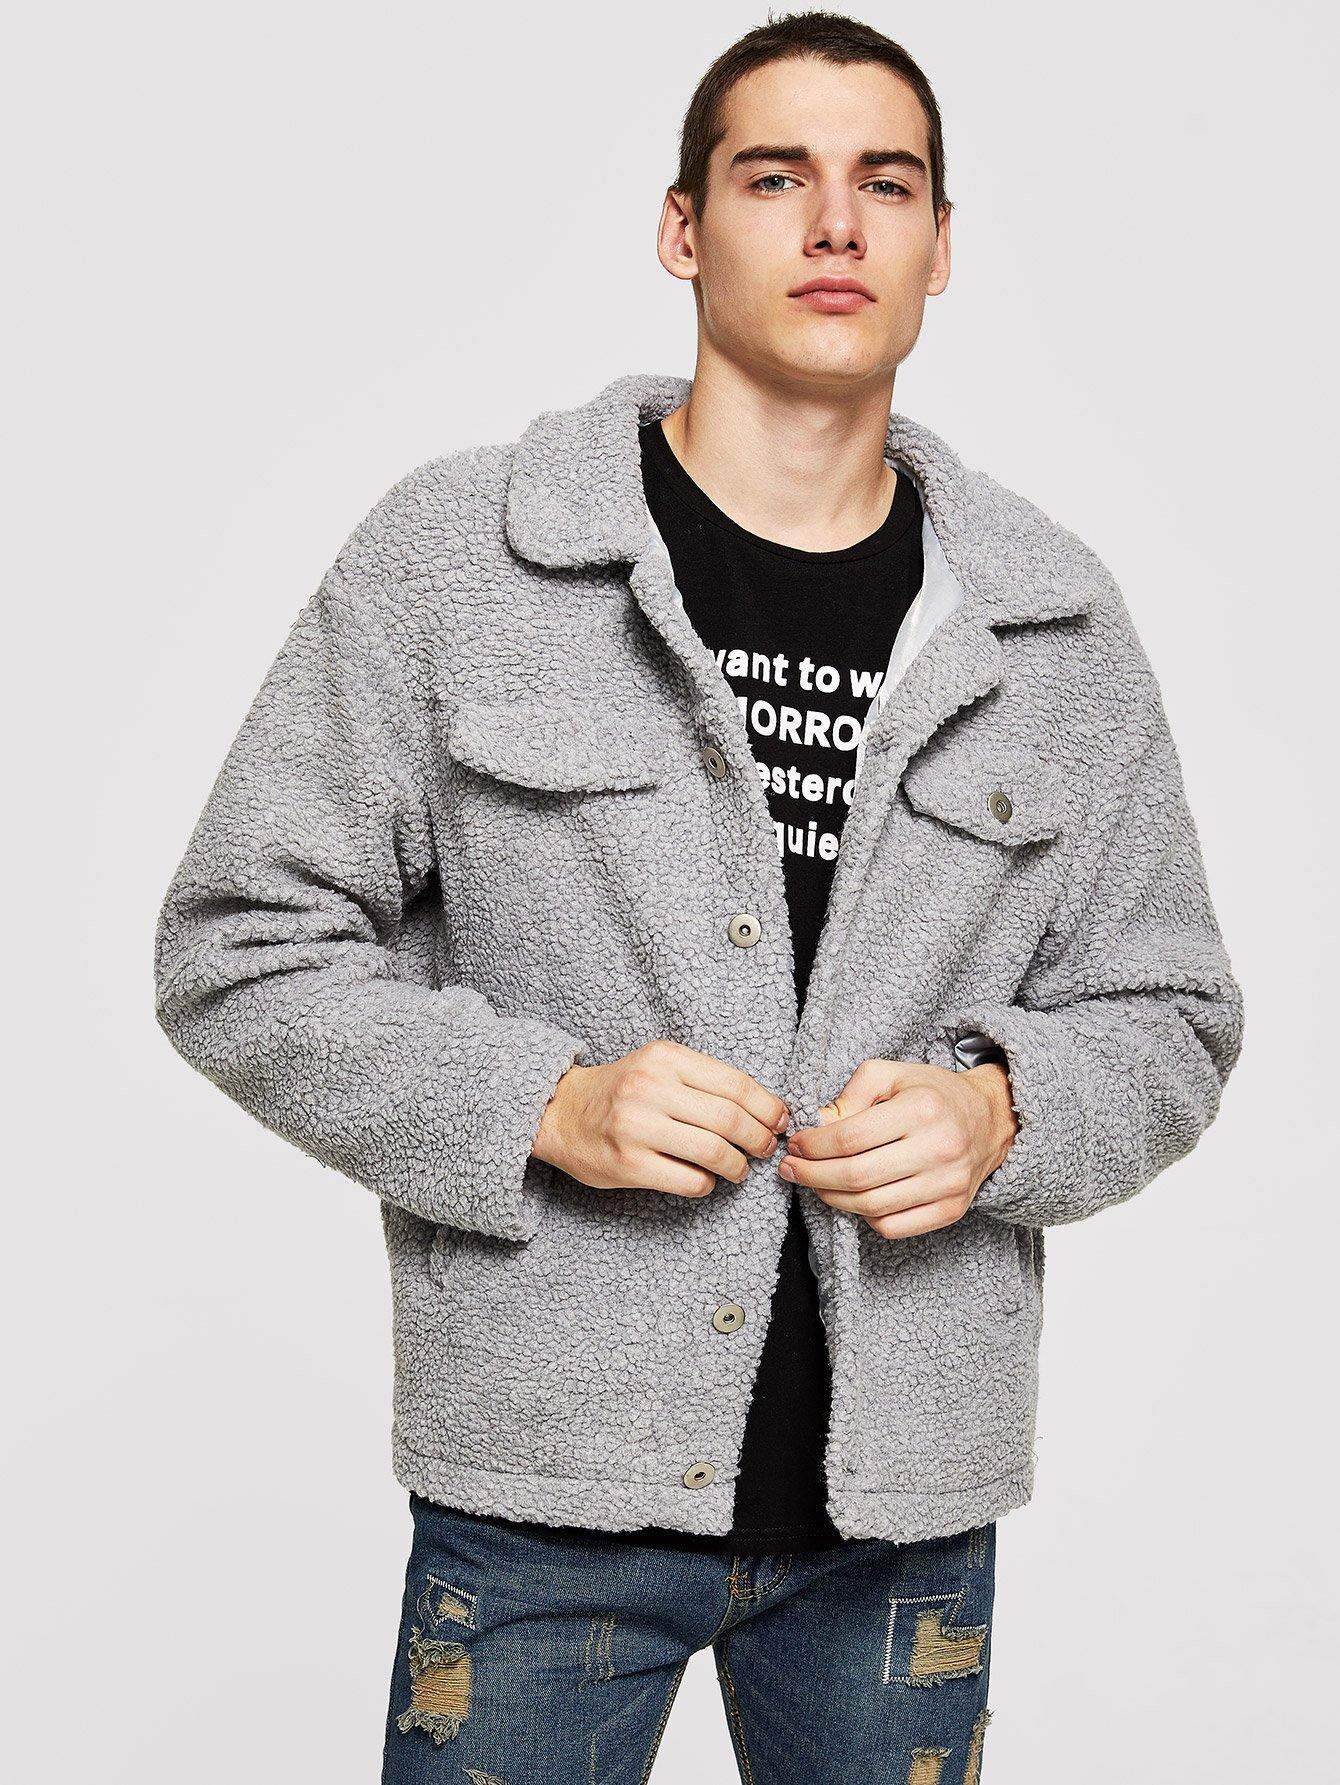 Купить Для мужчин пальто на пуговицах с карманом, Misha, SheIn